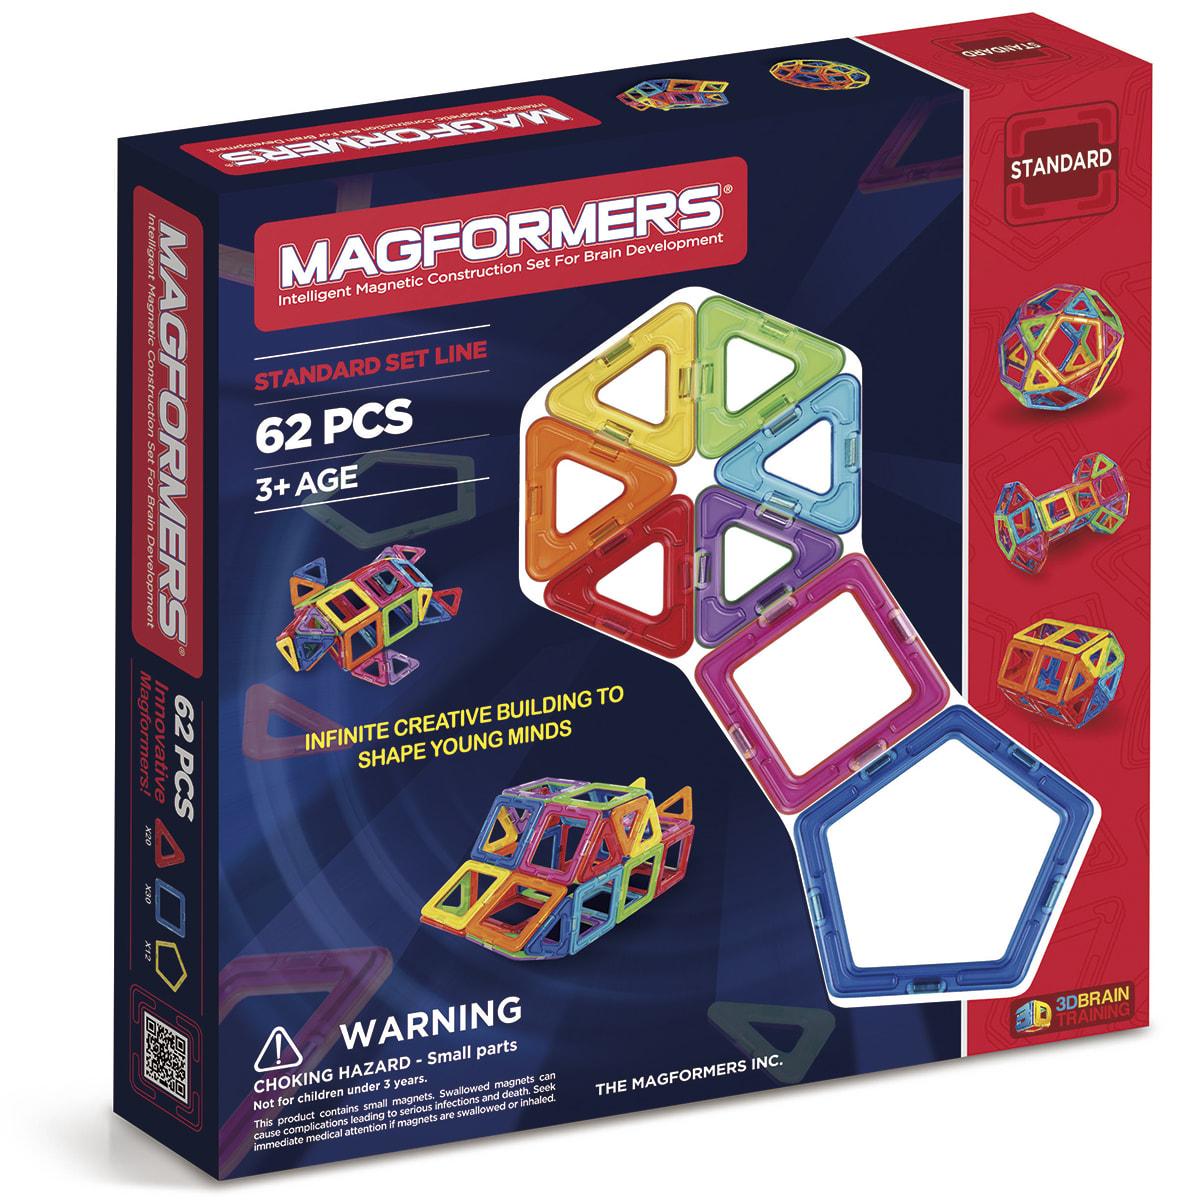 Kreativt magnetisk legetøj - Byg ting og figurer i 3D